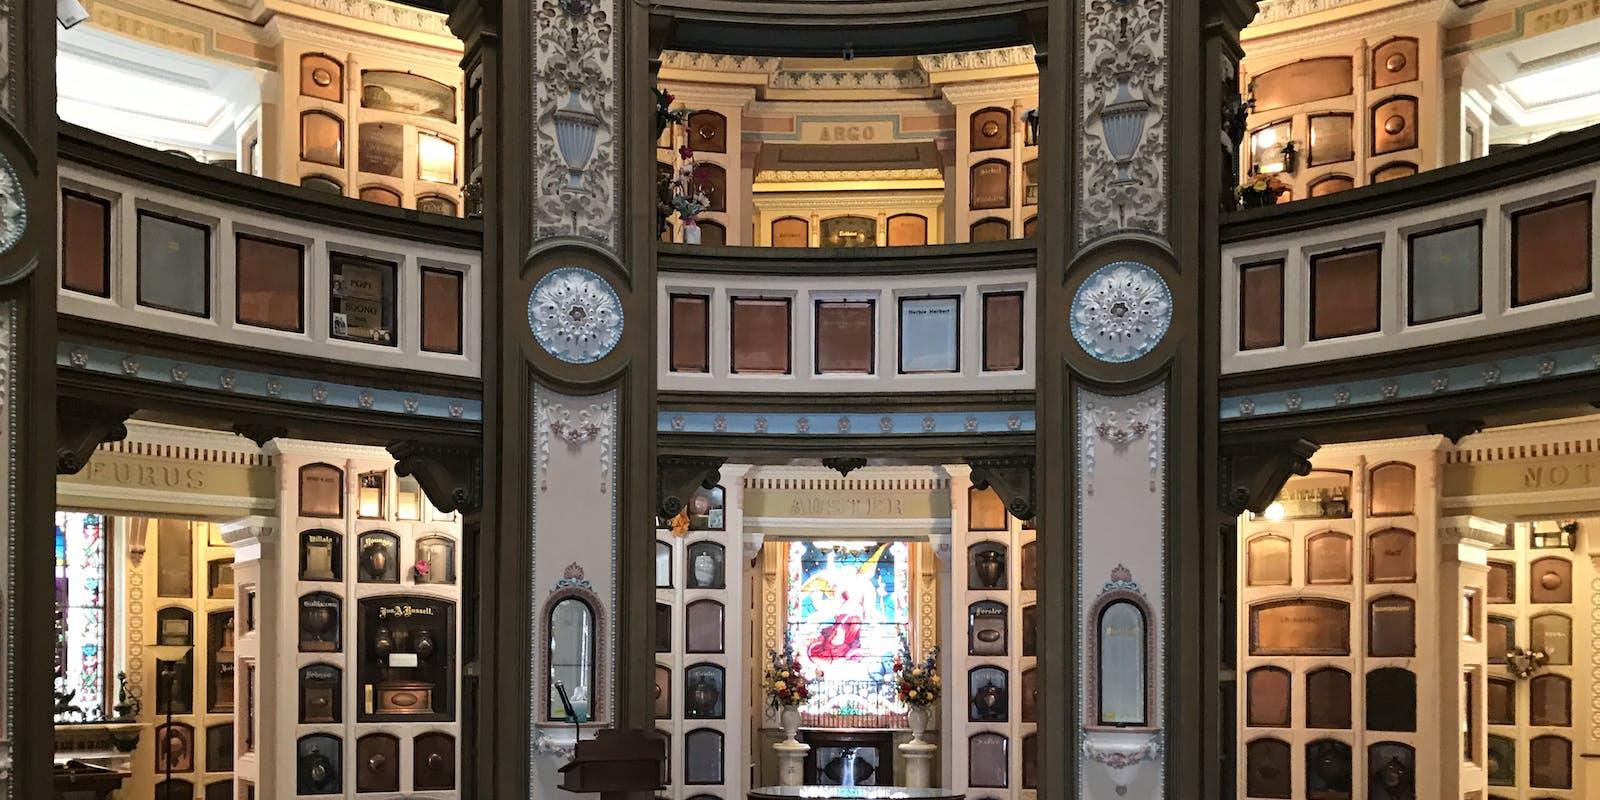 Inside the Columbarium.